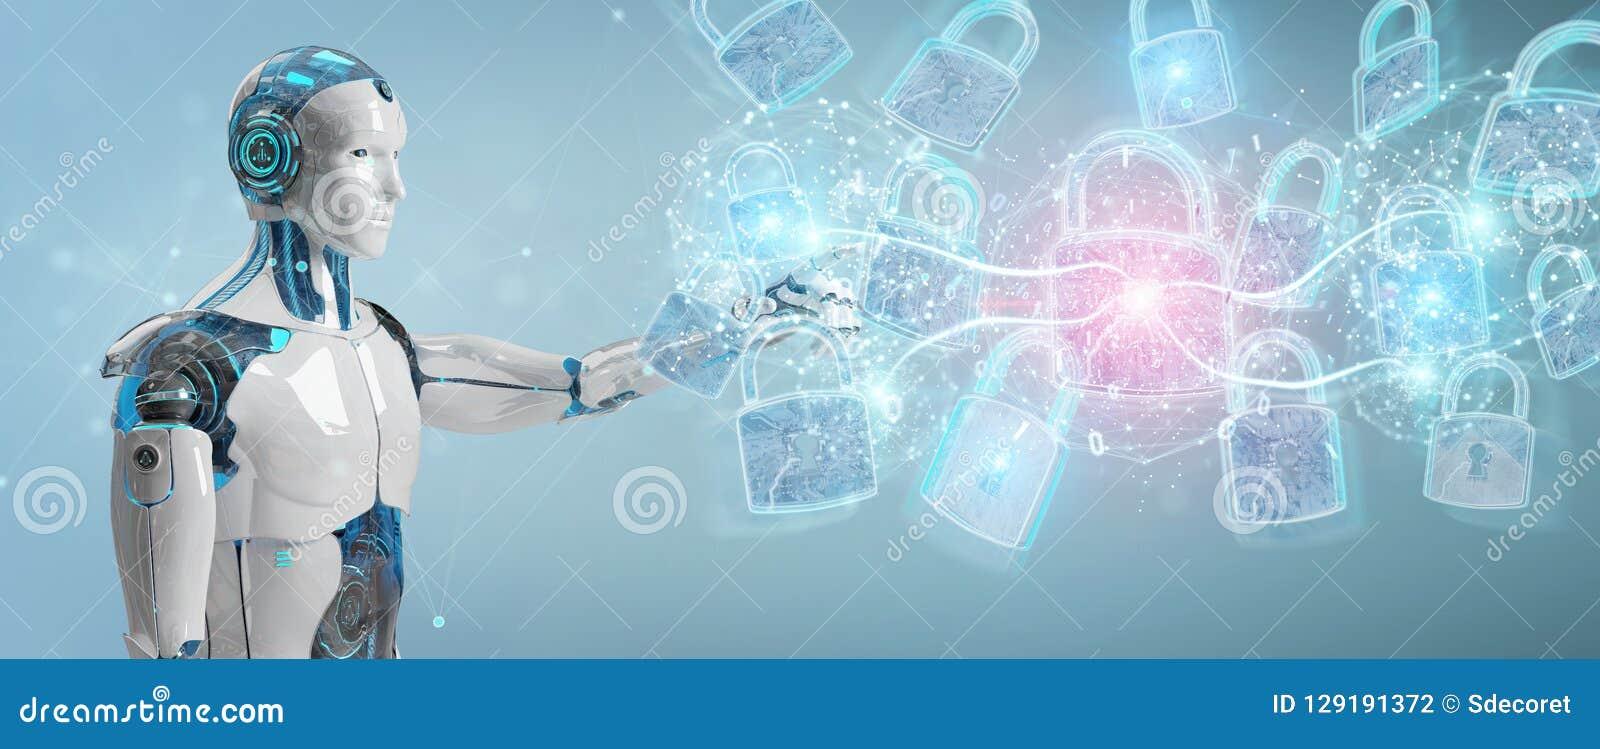 网机器人3D翻译使用的安全保障接口